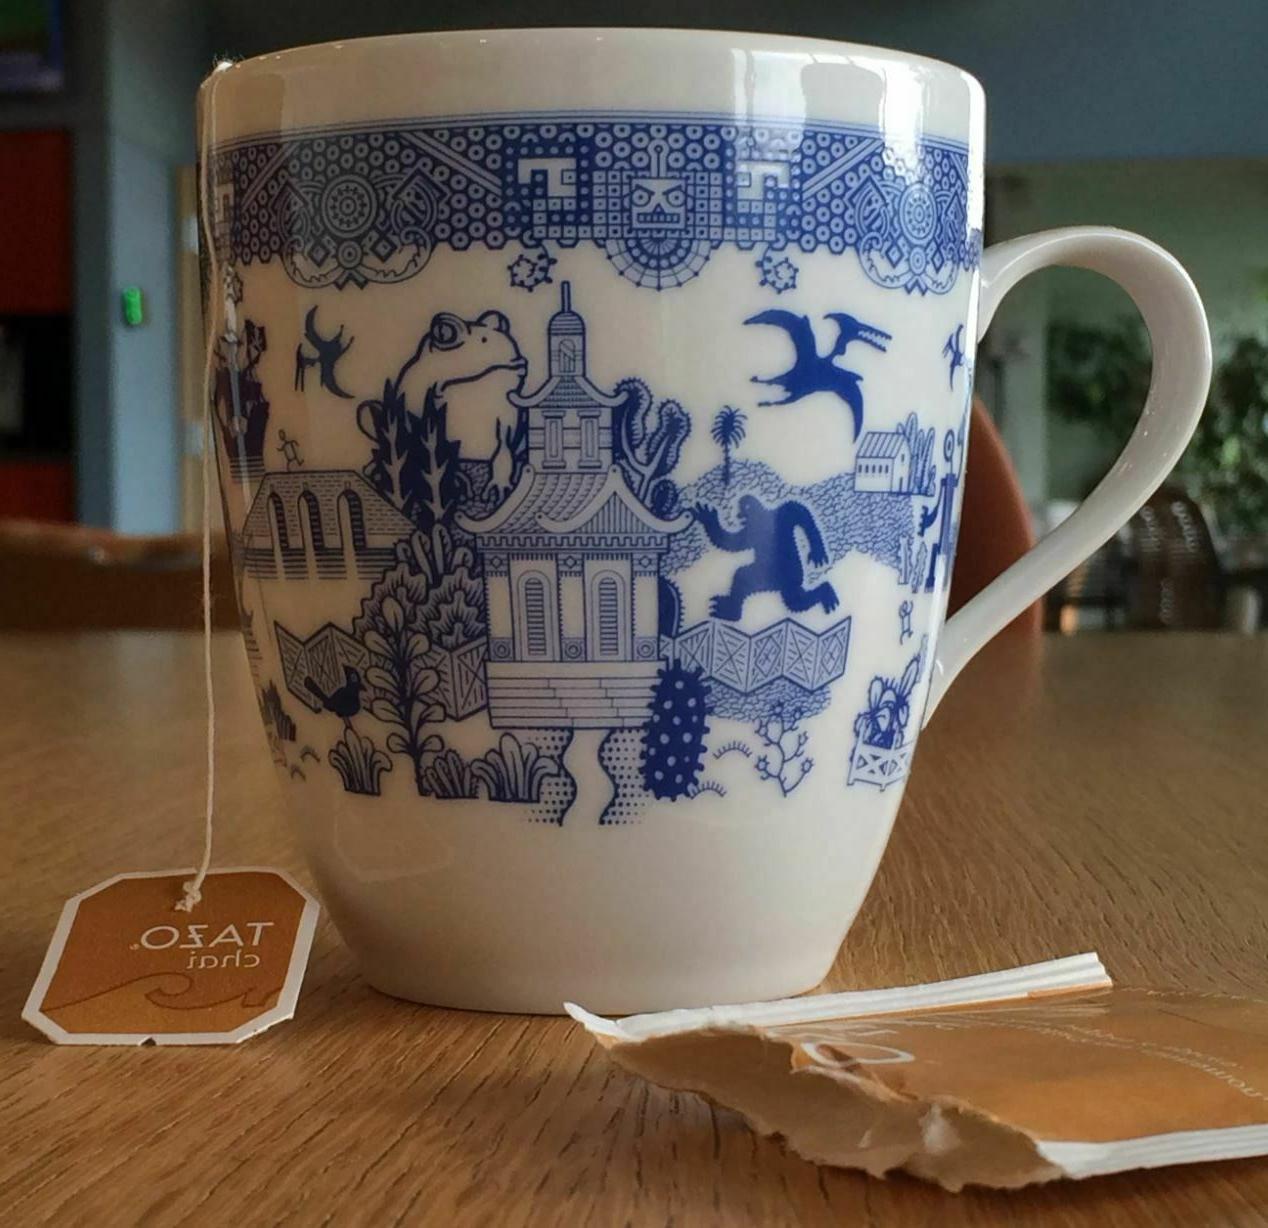 Calamityware 12-oz Tea Mugs Porcelain Cup